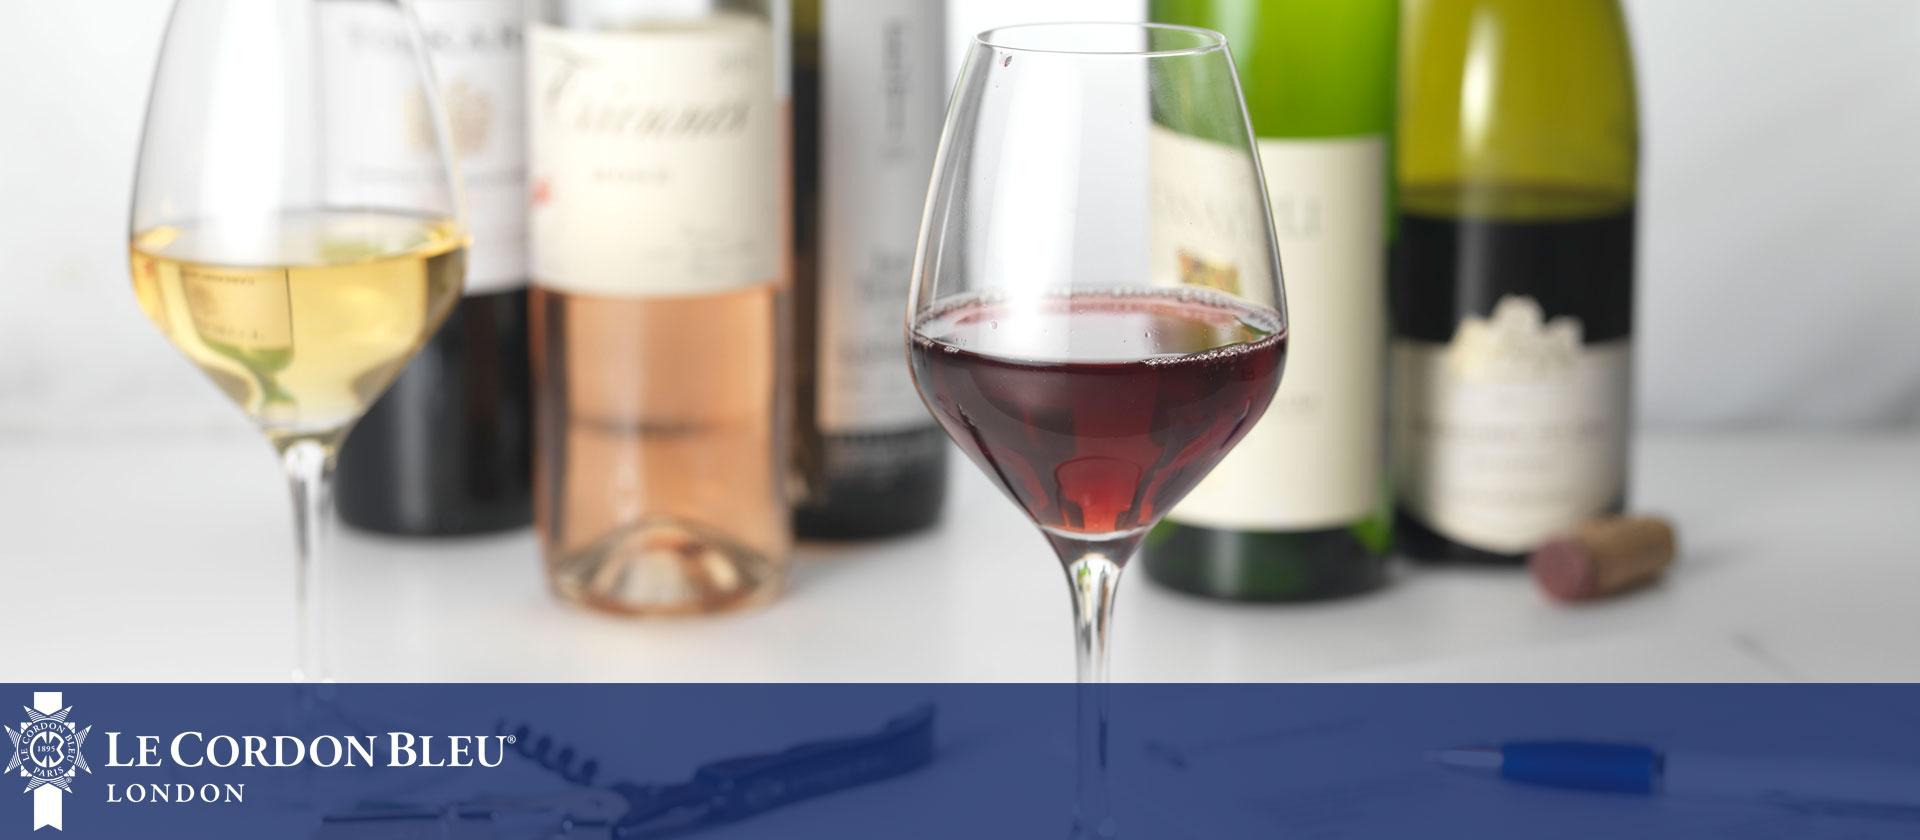 Le Cordon Bleu London's Wine Essentials